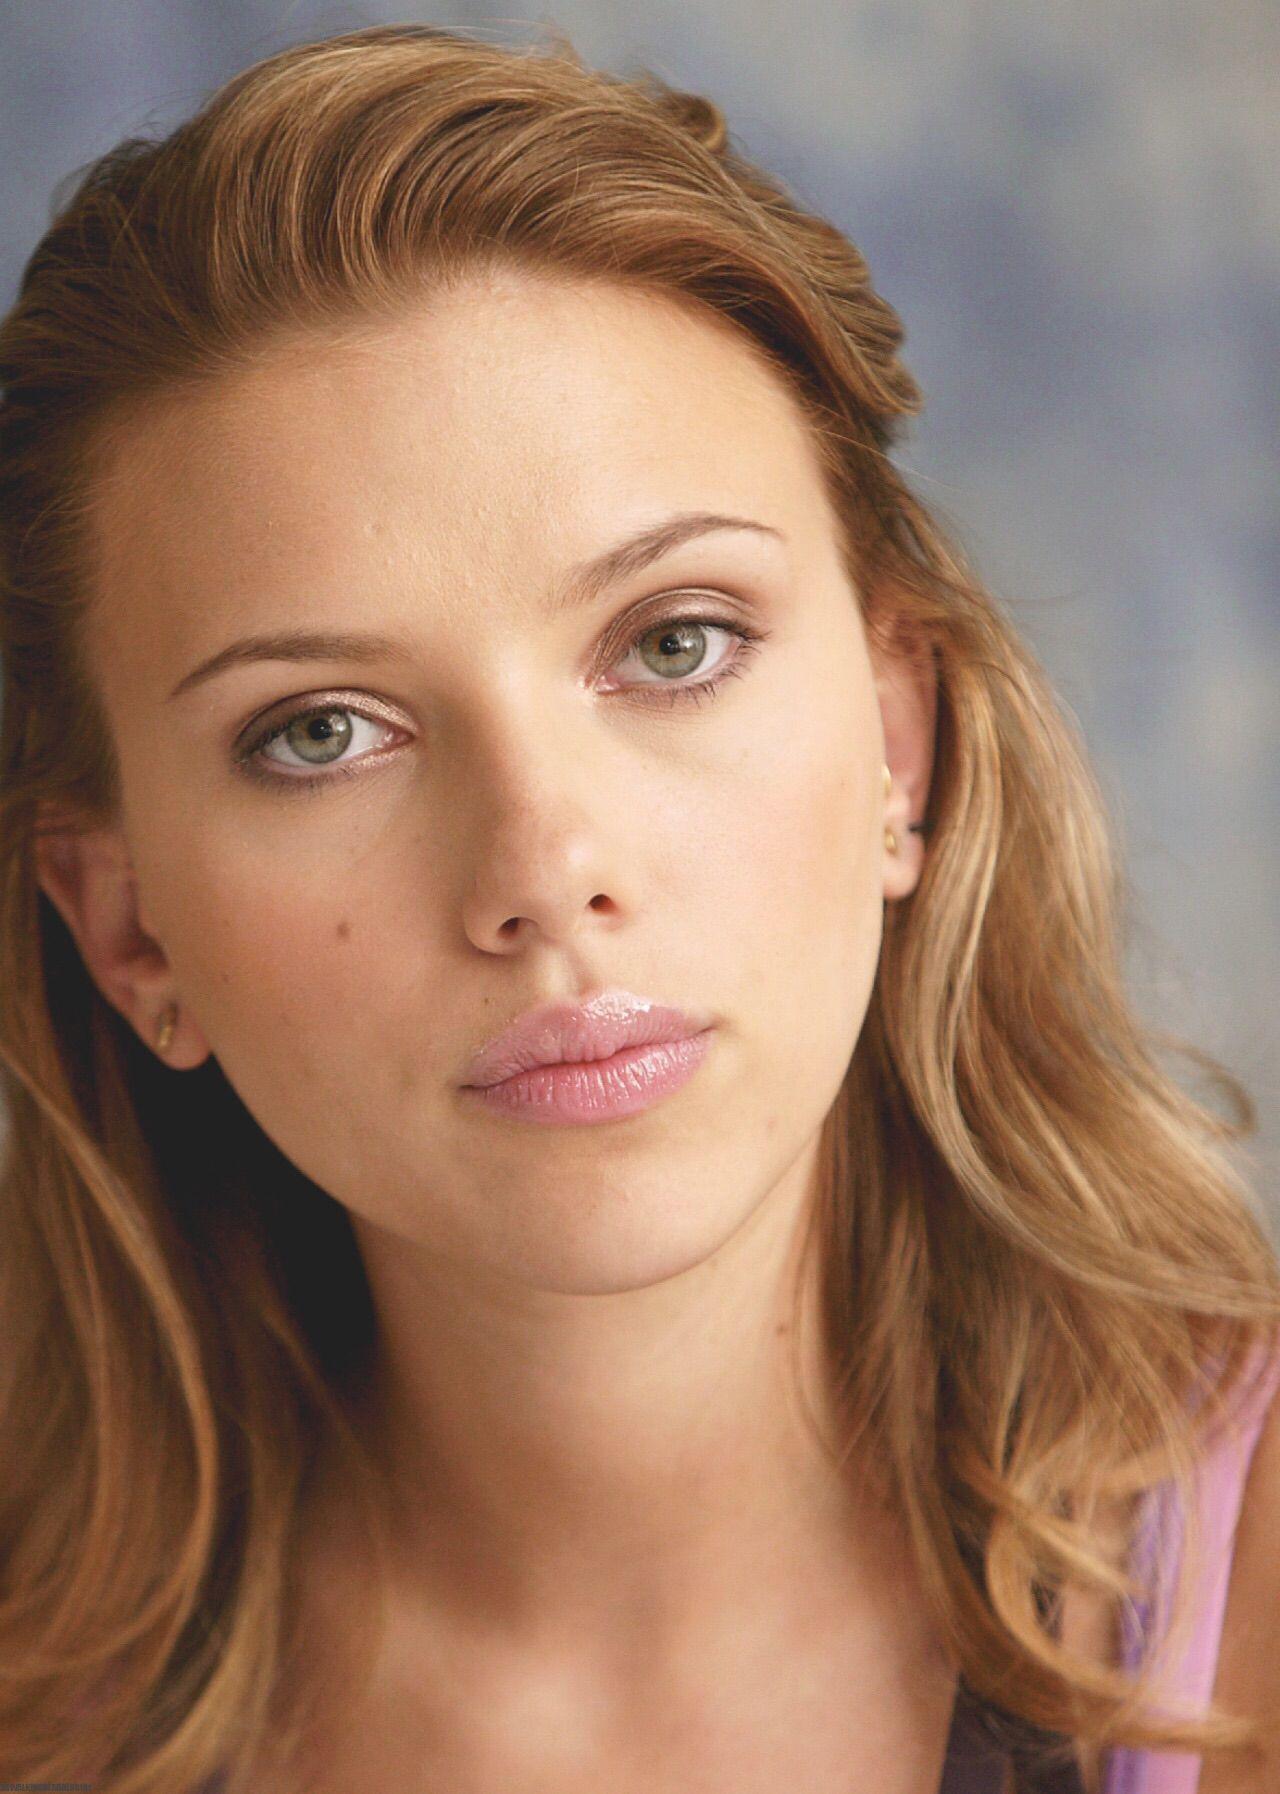 Scarlett Actrices, Scarlett johansson, Celebridades